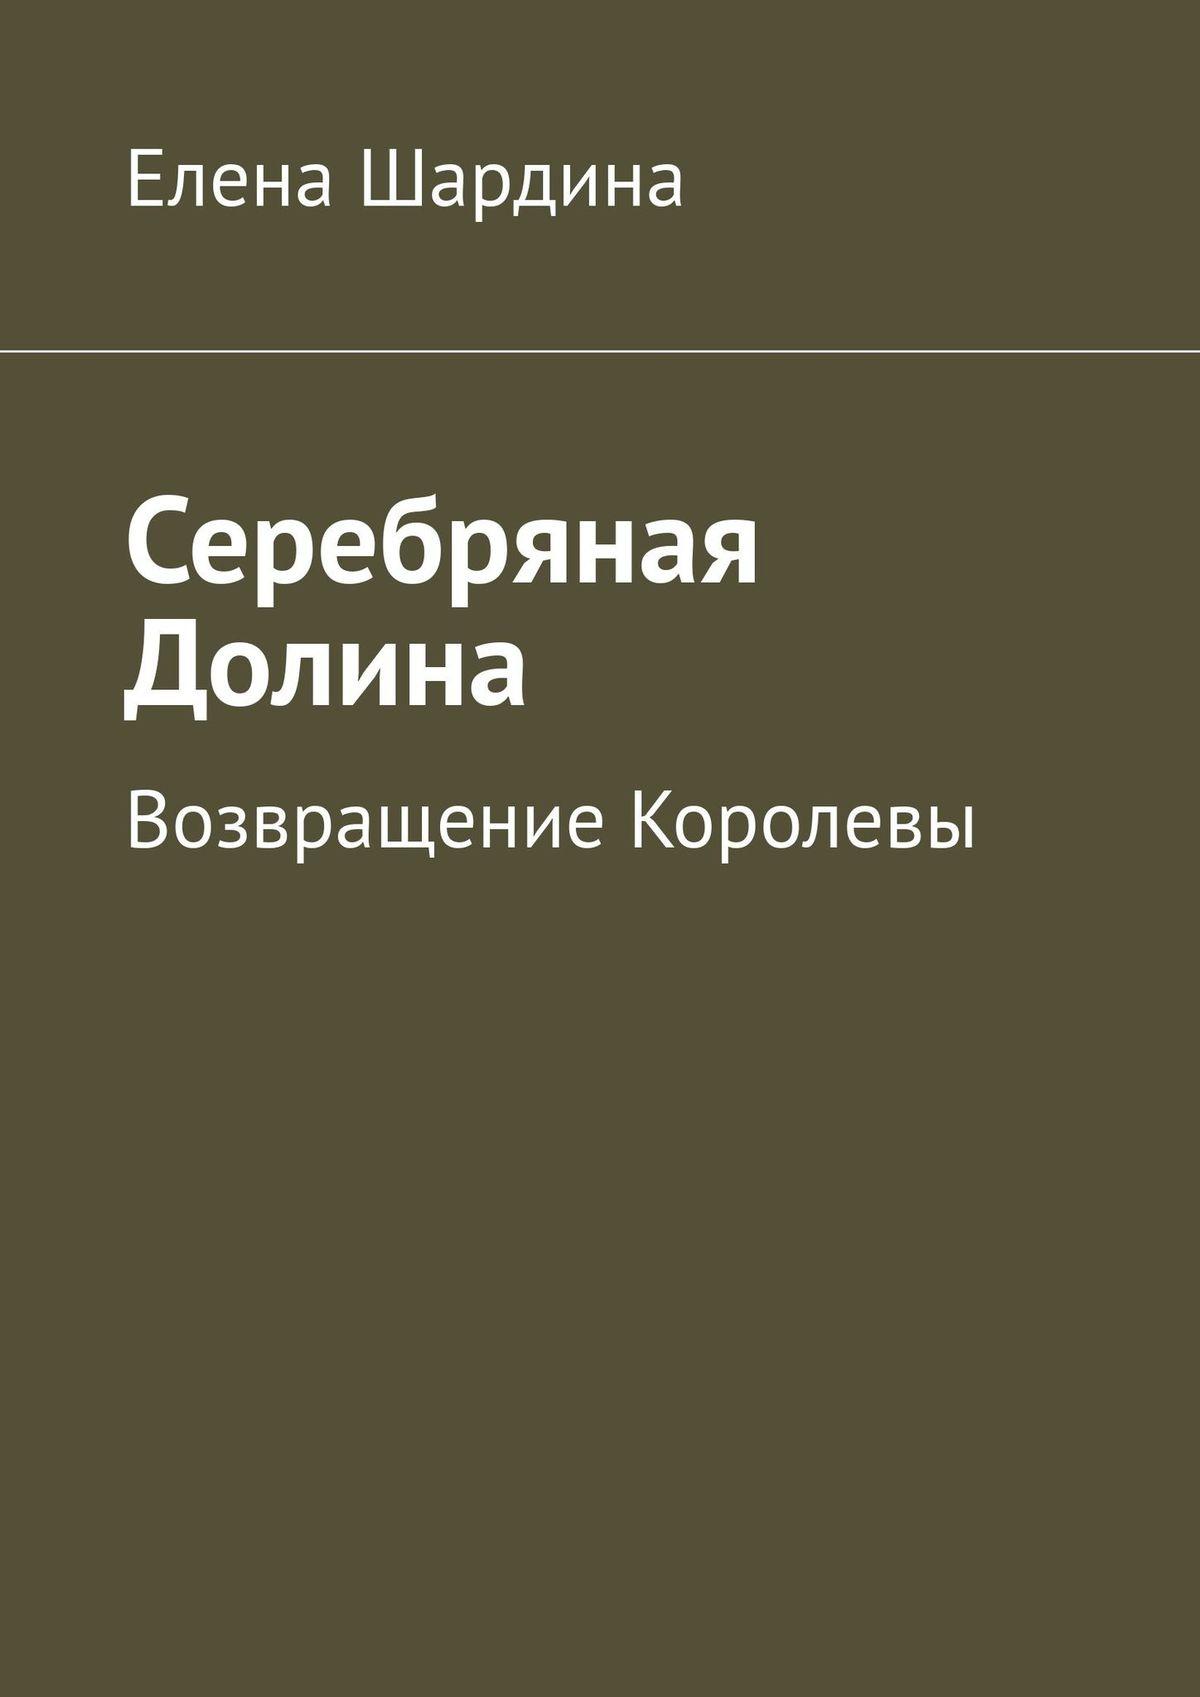 Электронная книга «Серебряная Долина. Возвращение королевы» – Елена Шардина